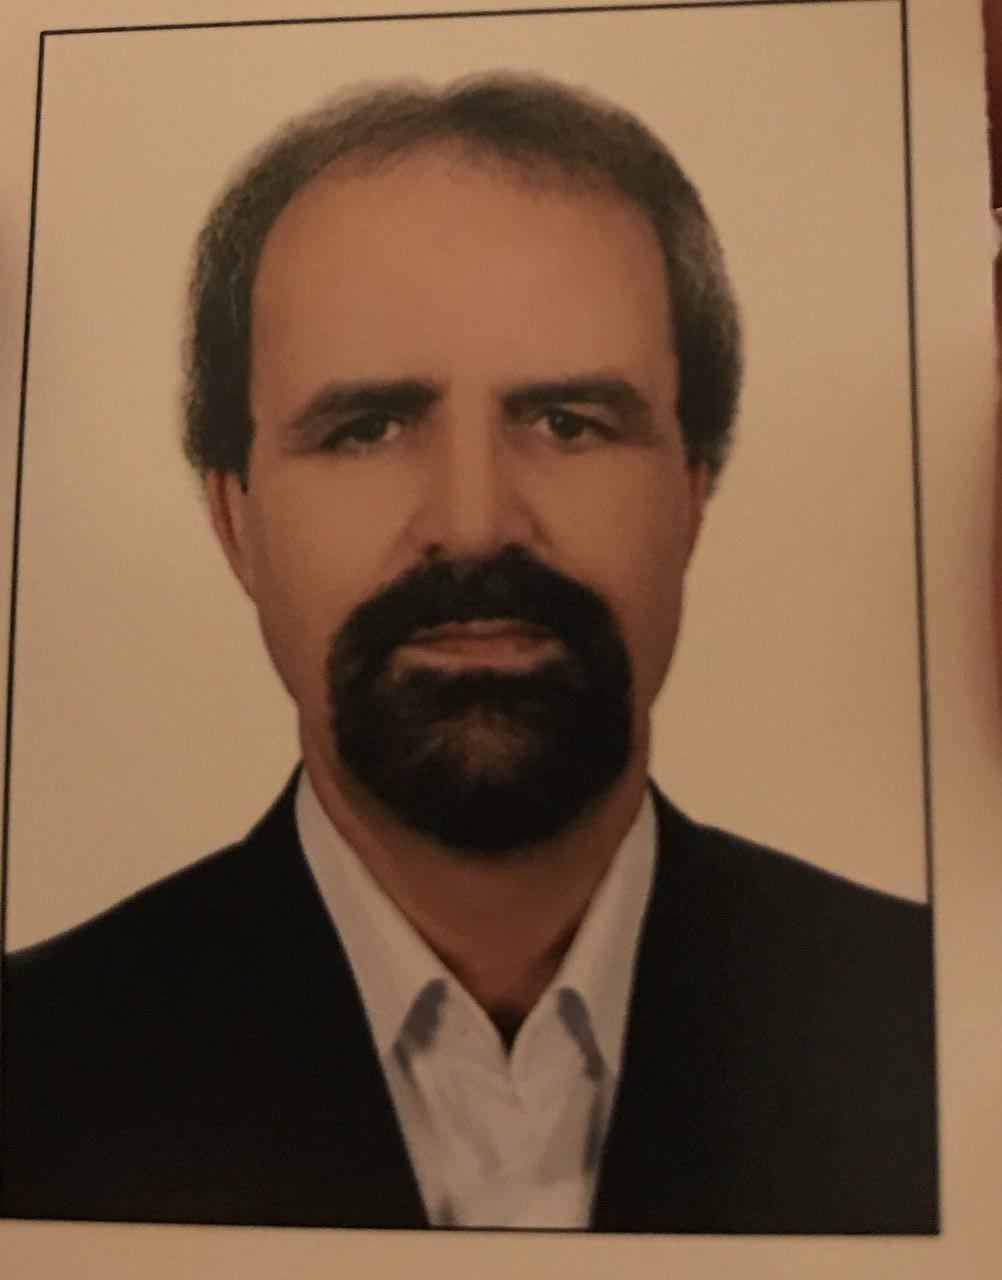 تصویر دکتر علیرضا نظری